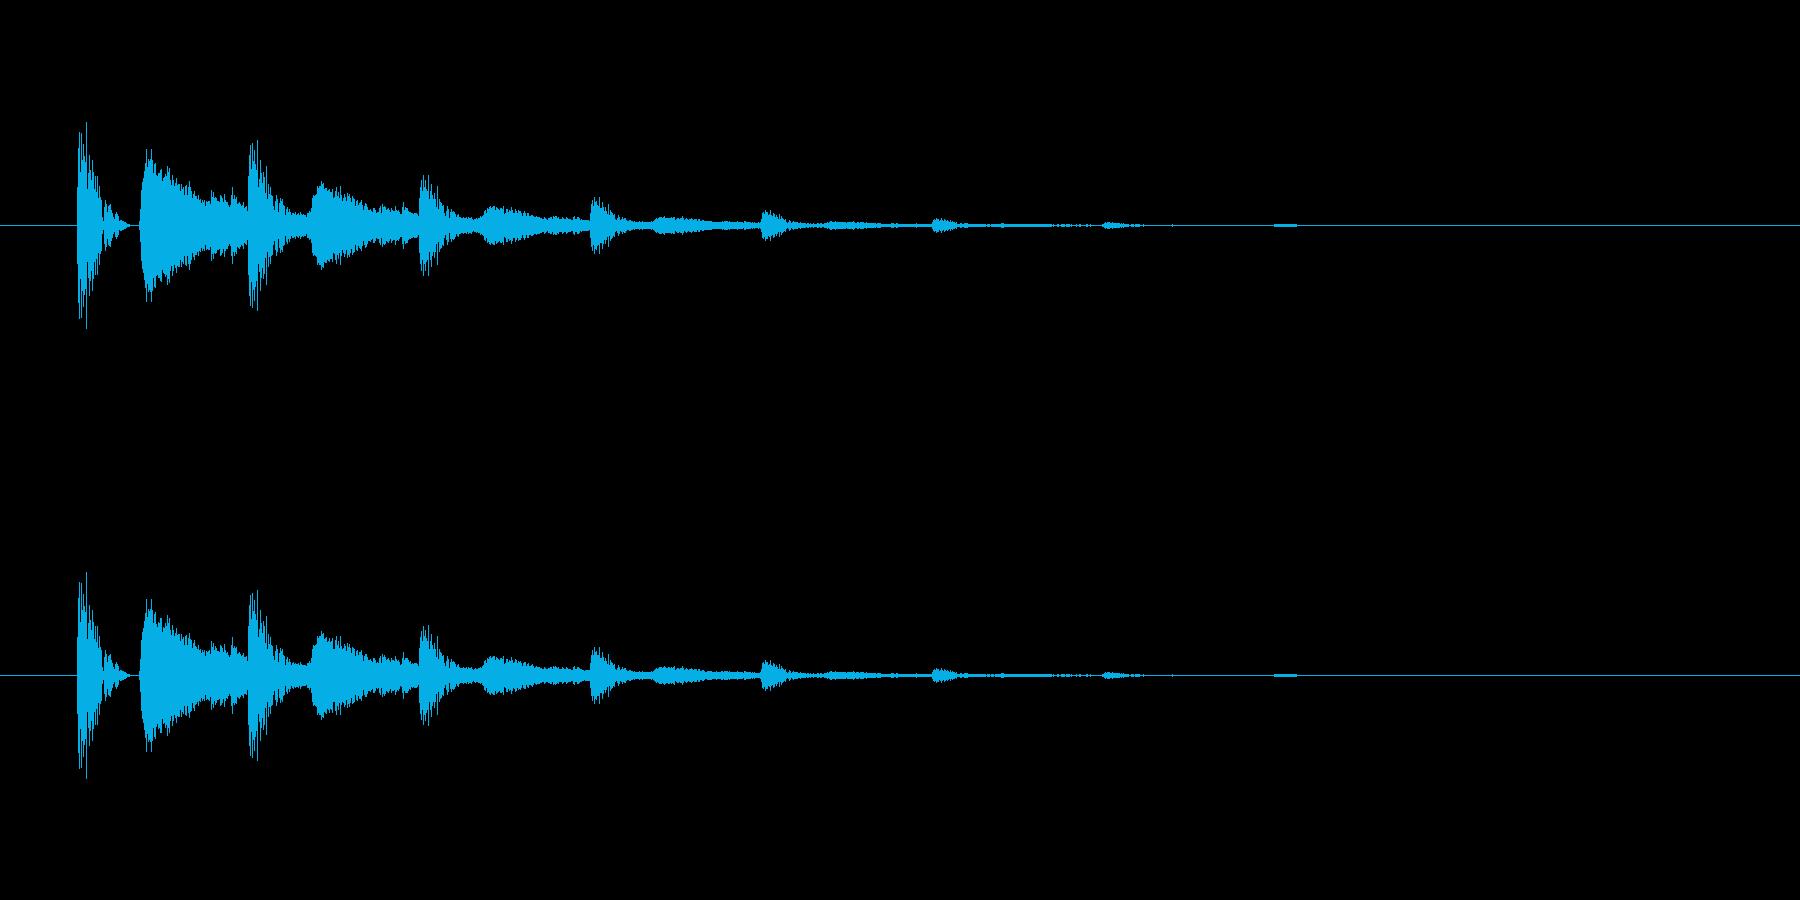 【びっくり05-3】の再生済みの波形